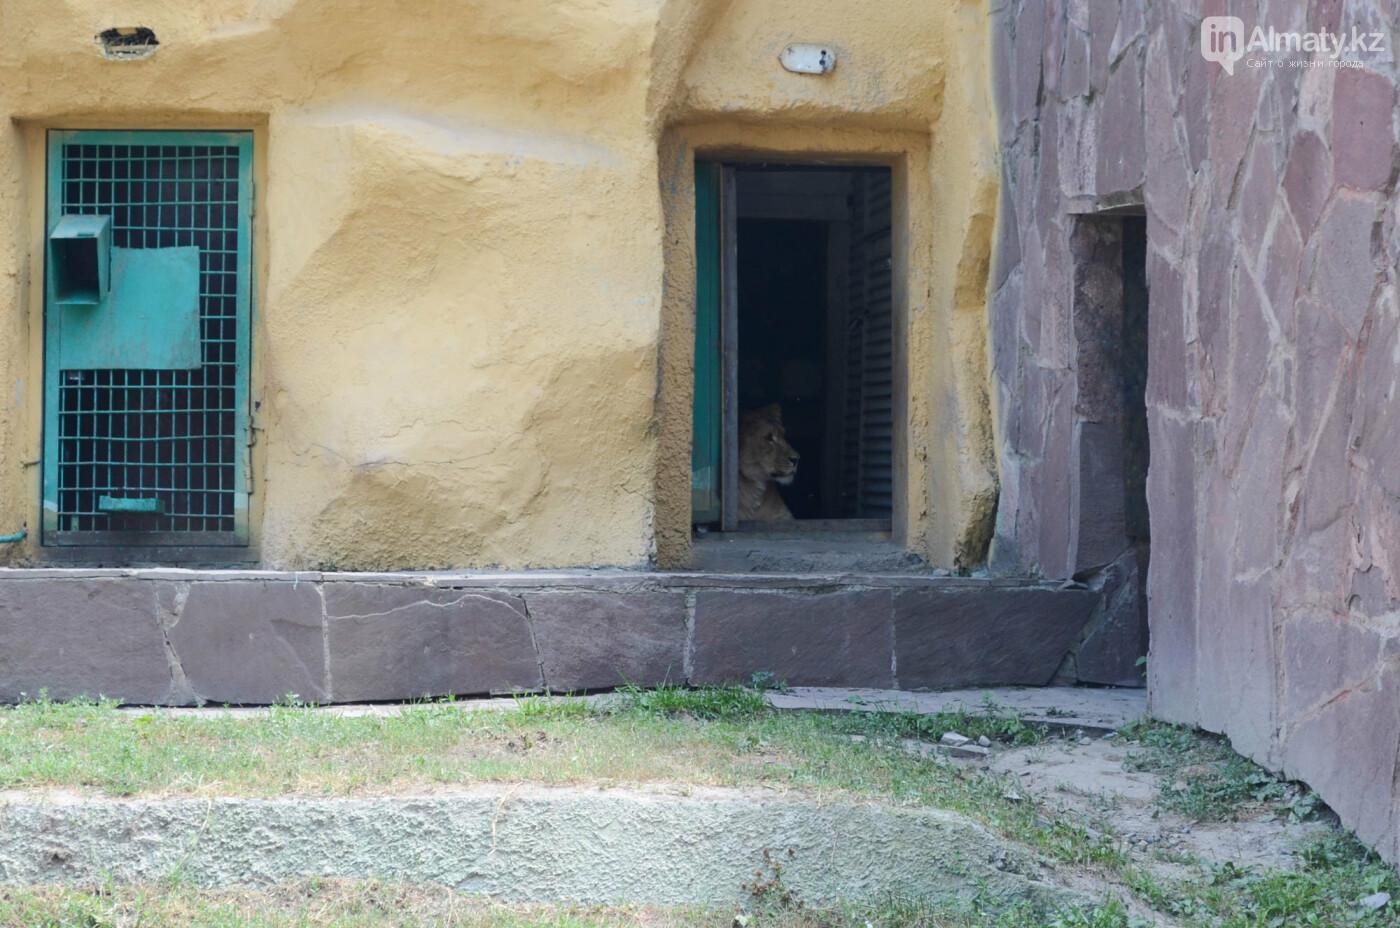 Недостатки ветеринарии и трагические совпадения: В Алматинском зоопарке рассказали причины смерти животных, фото-3